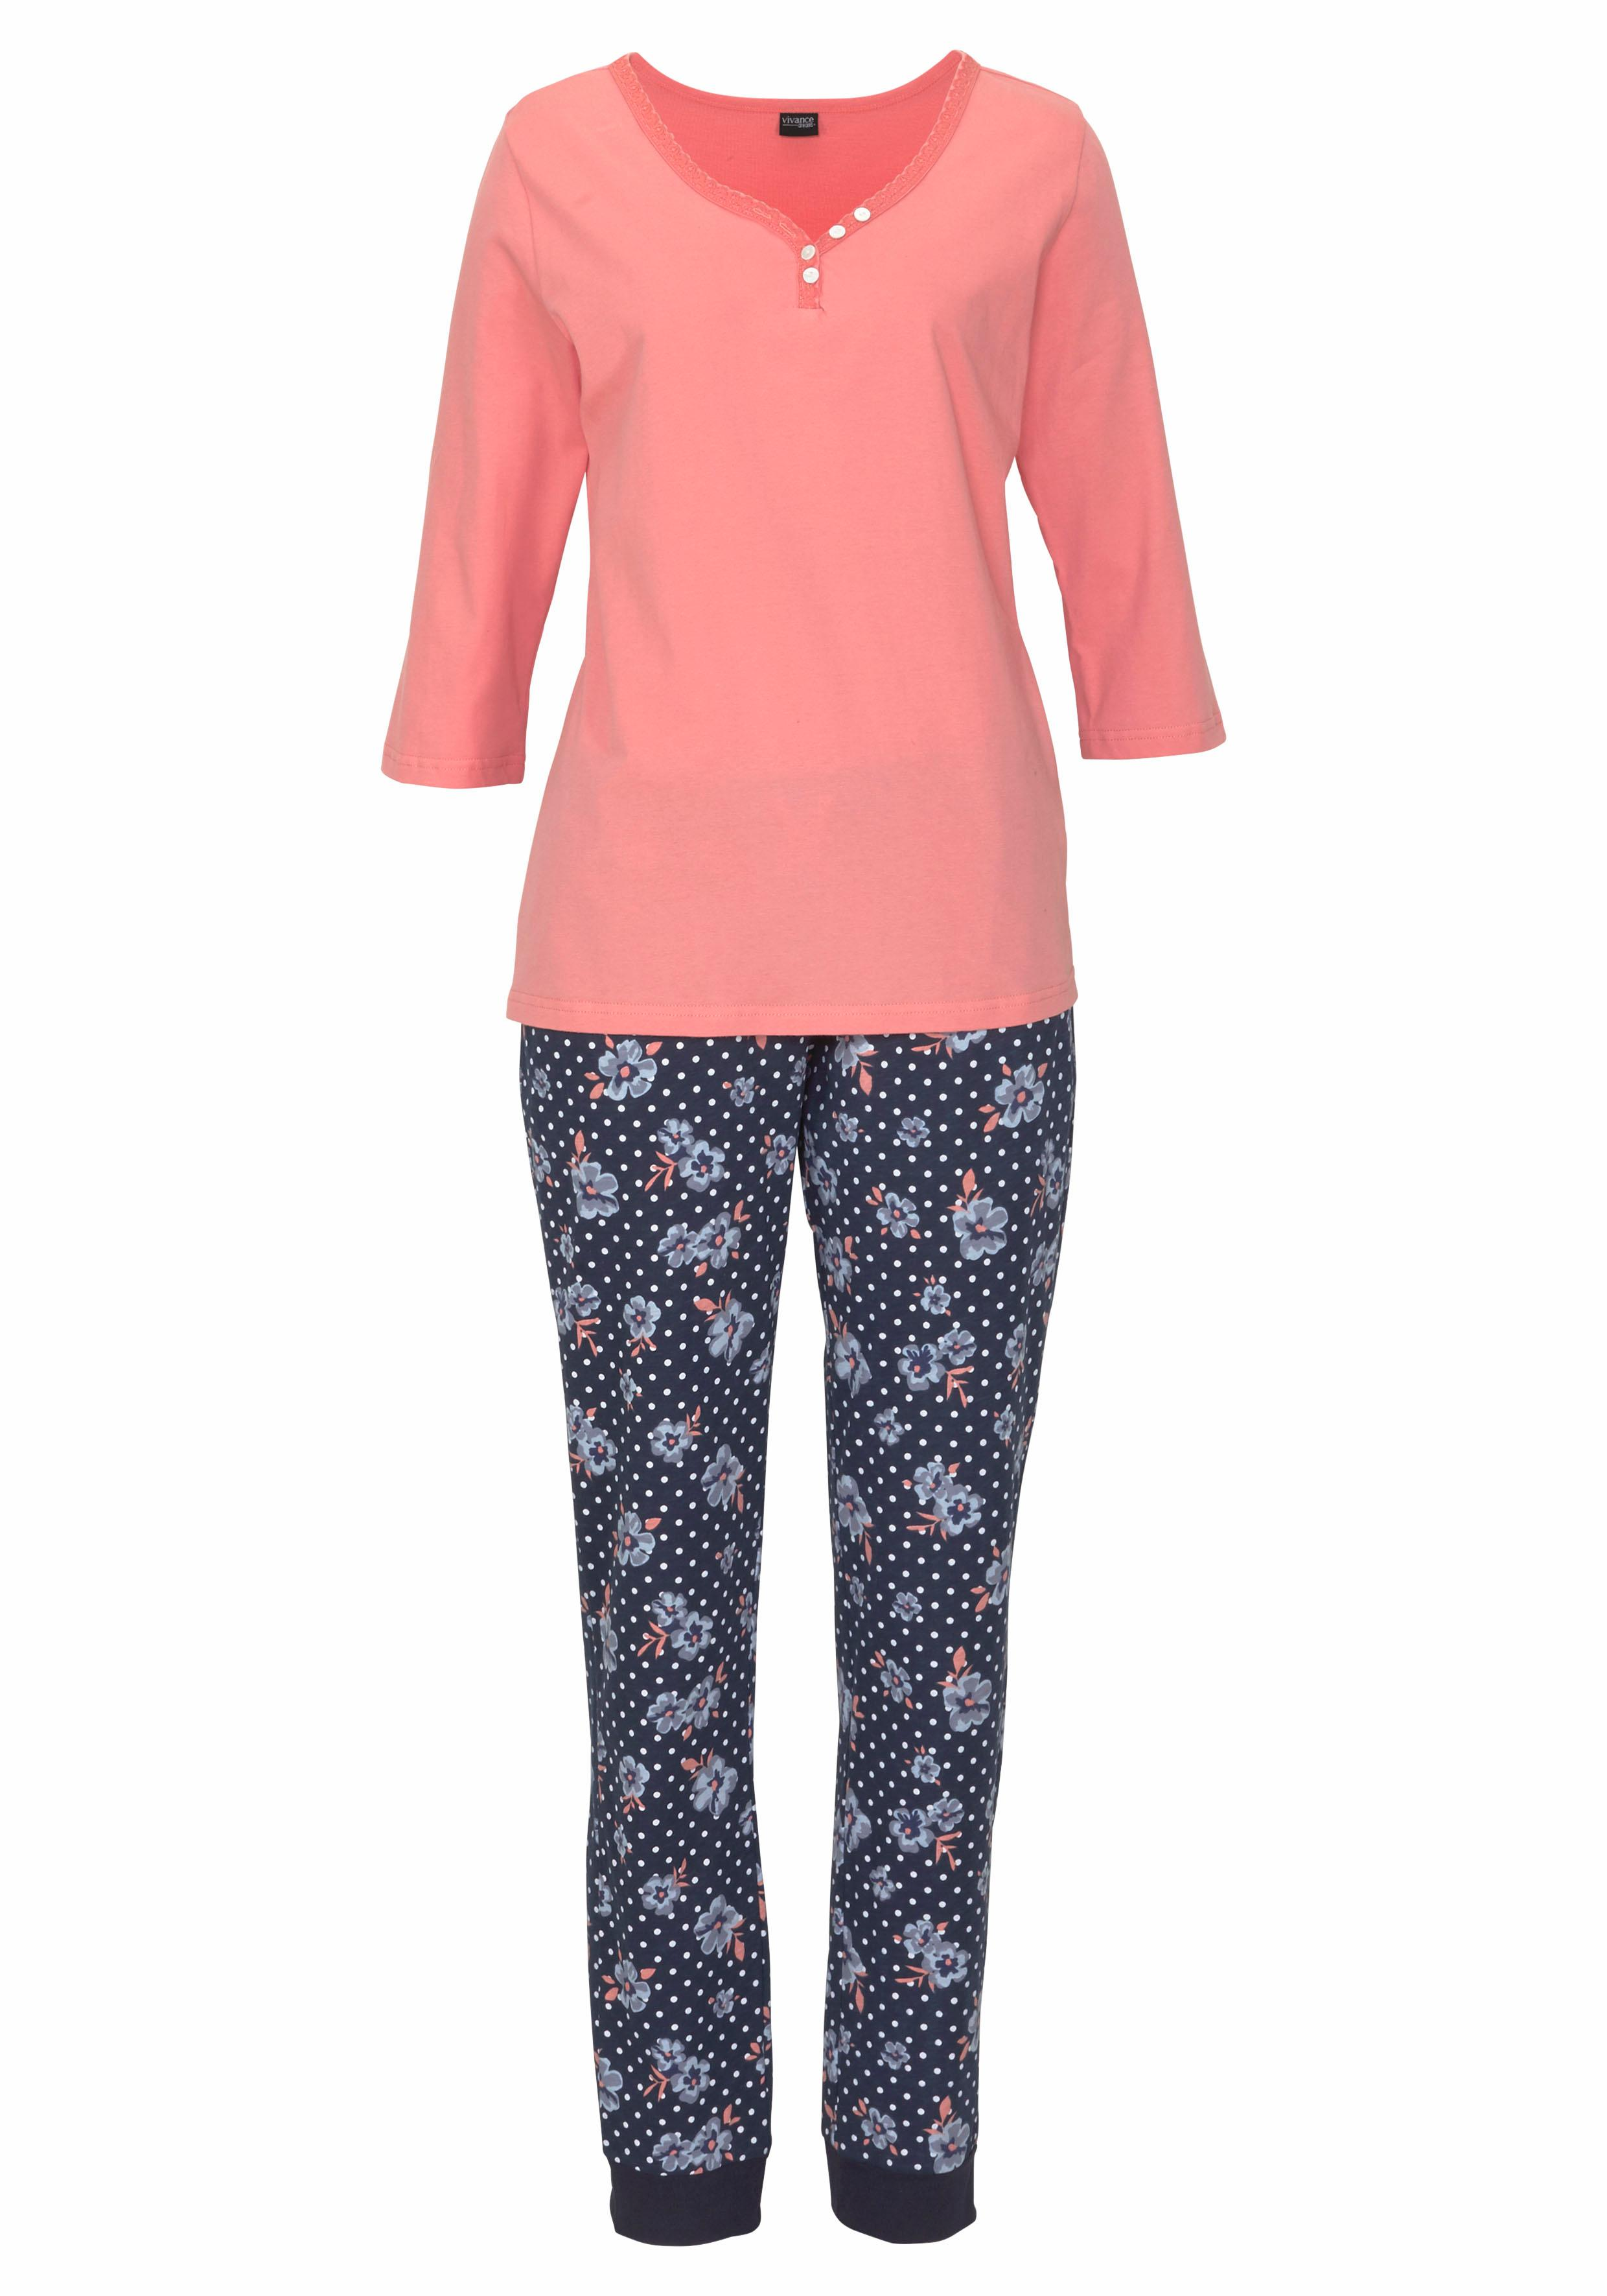 H.I.S Pyjama mit 3/4-Arm und Knopfleiste günstig online kaufen